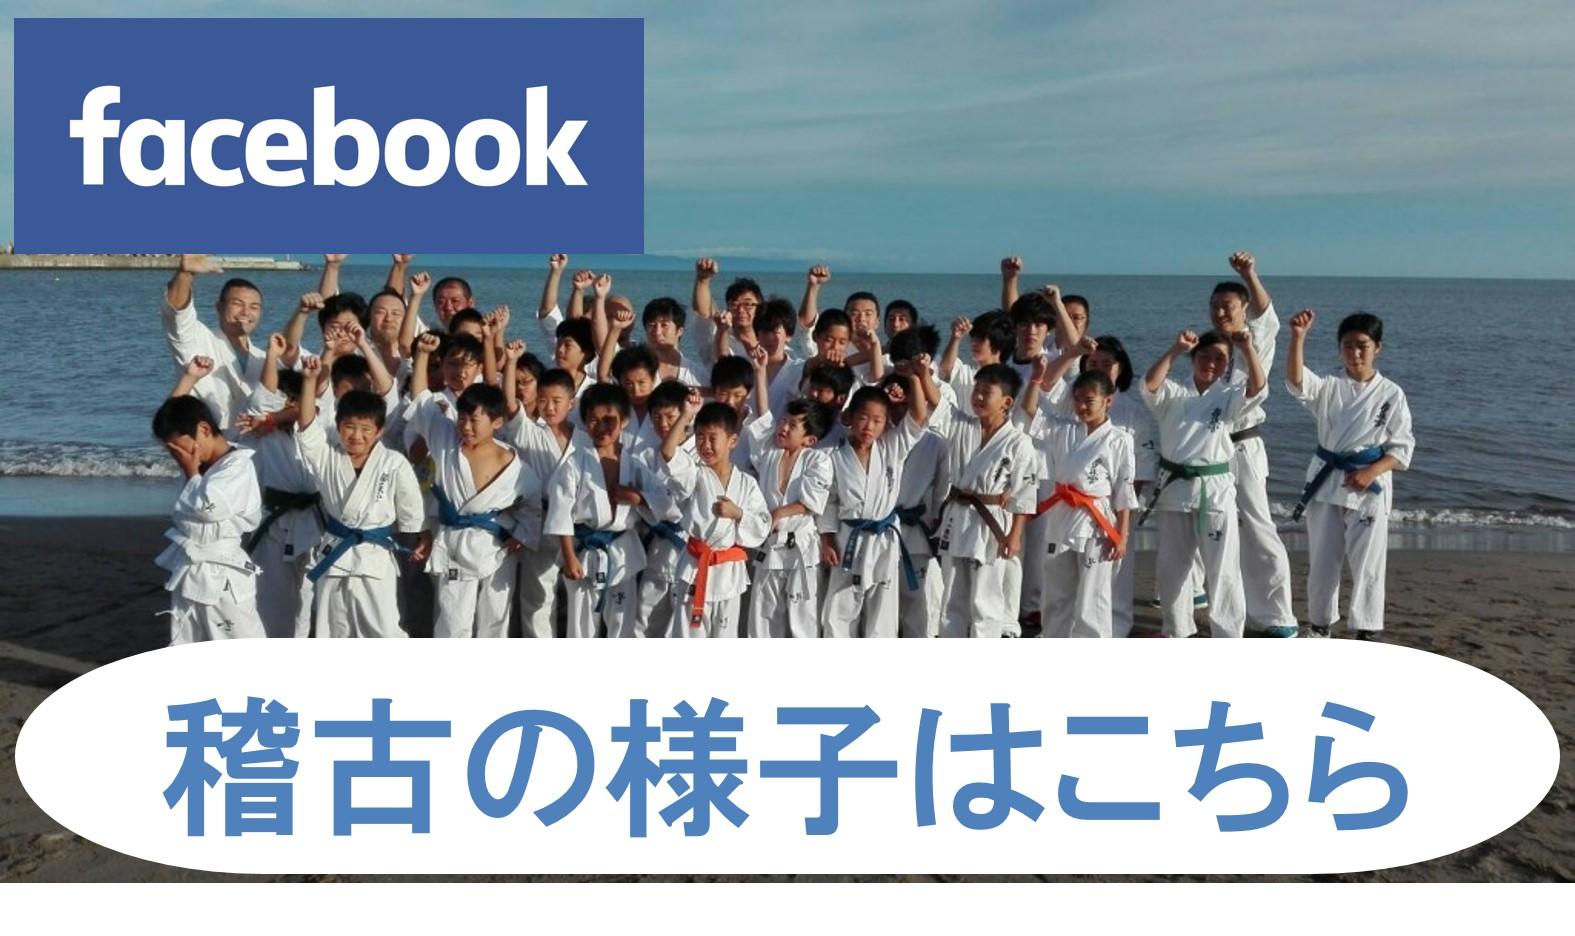 極真会館 新潟中央道場 Facebook